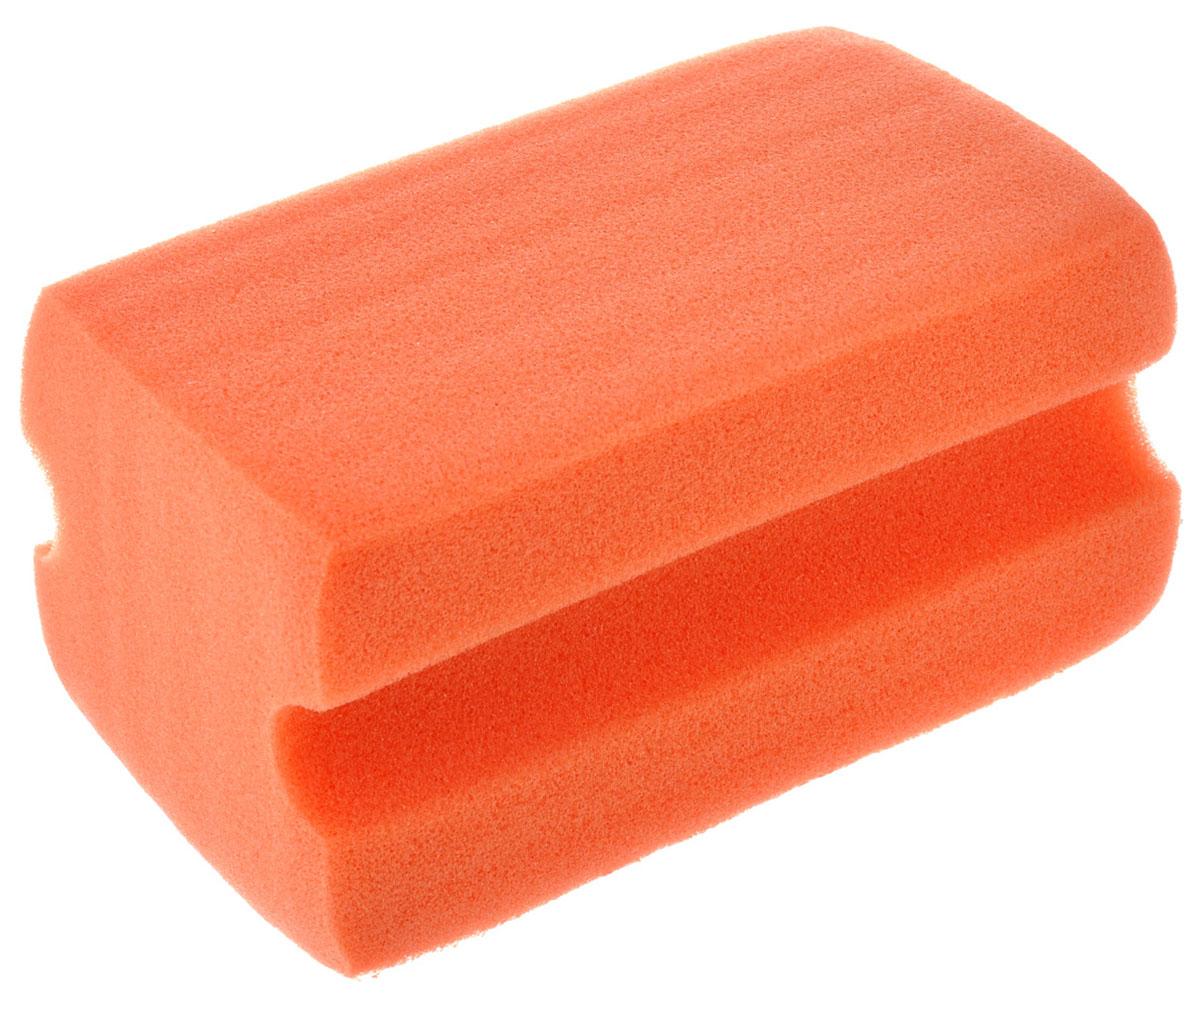 Губка для мытья автомобиля Sapfire Альфа, цвет: оранжевый губка aqualine для мытья автомобиля